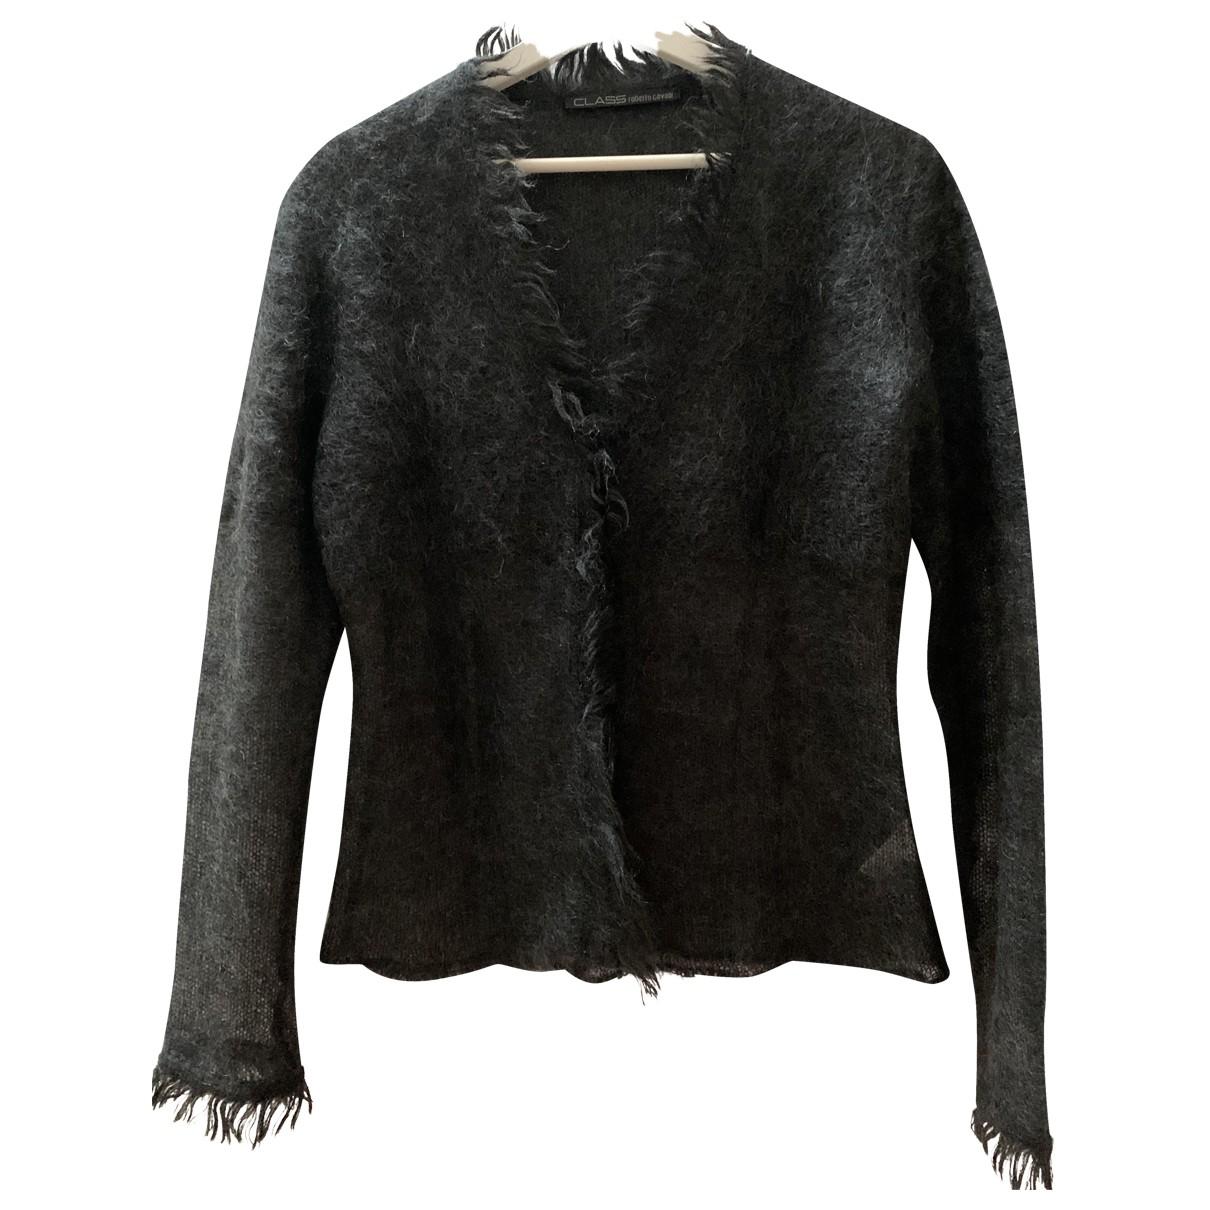 Class Cavalli N Grey Wool Knitwear for Women 44 IT